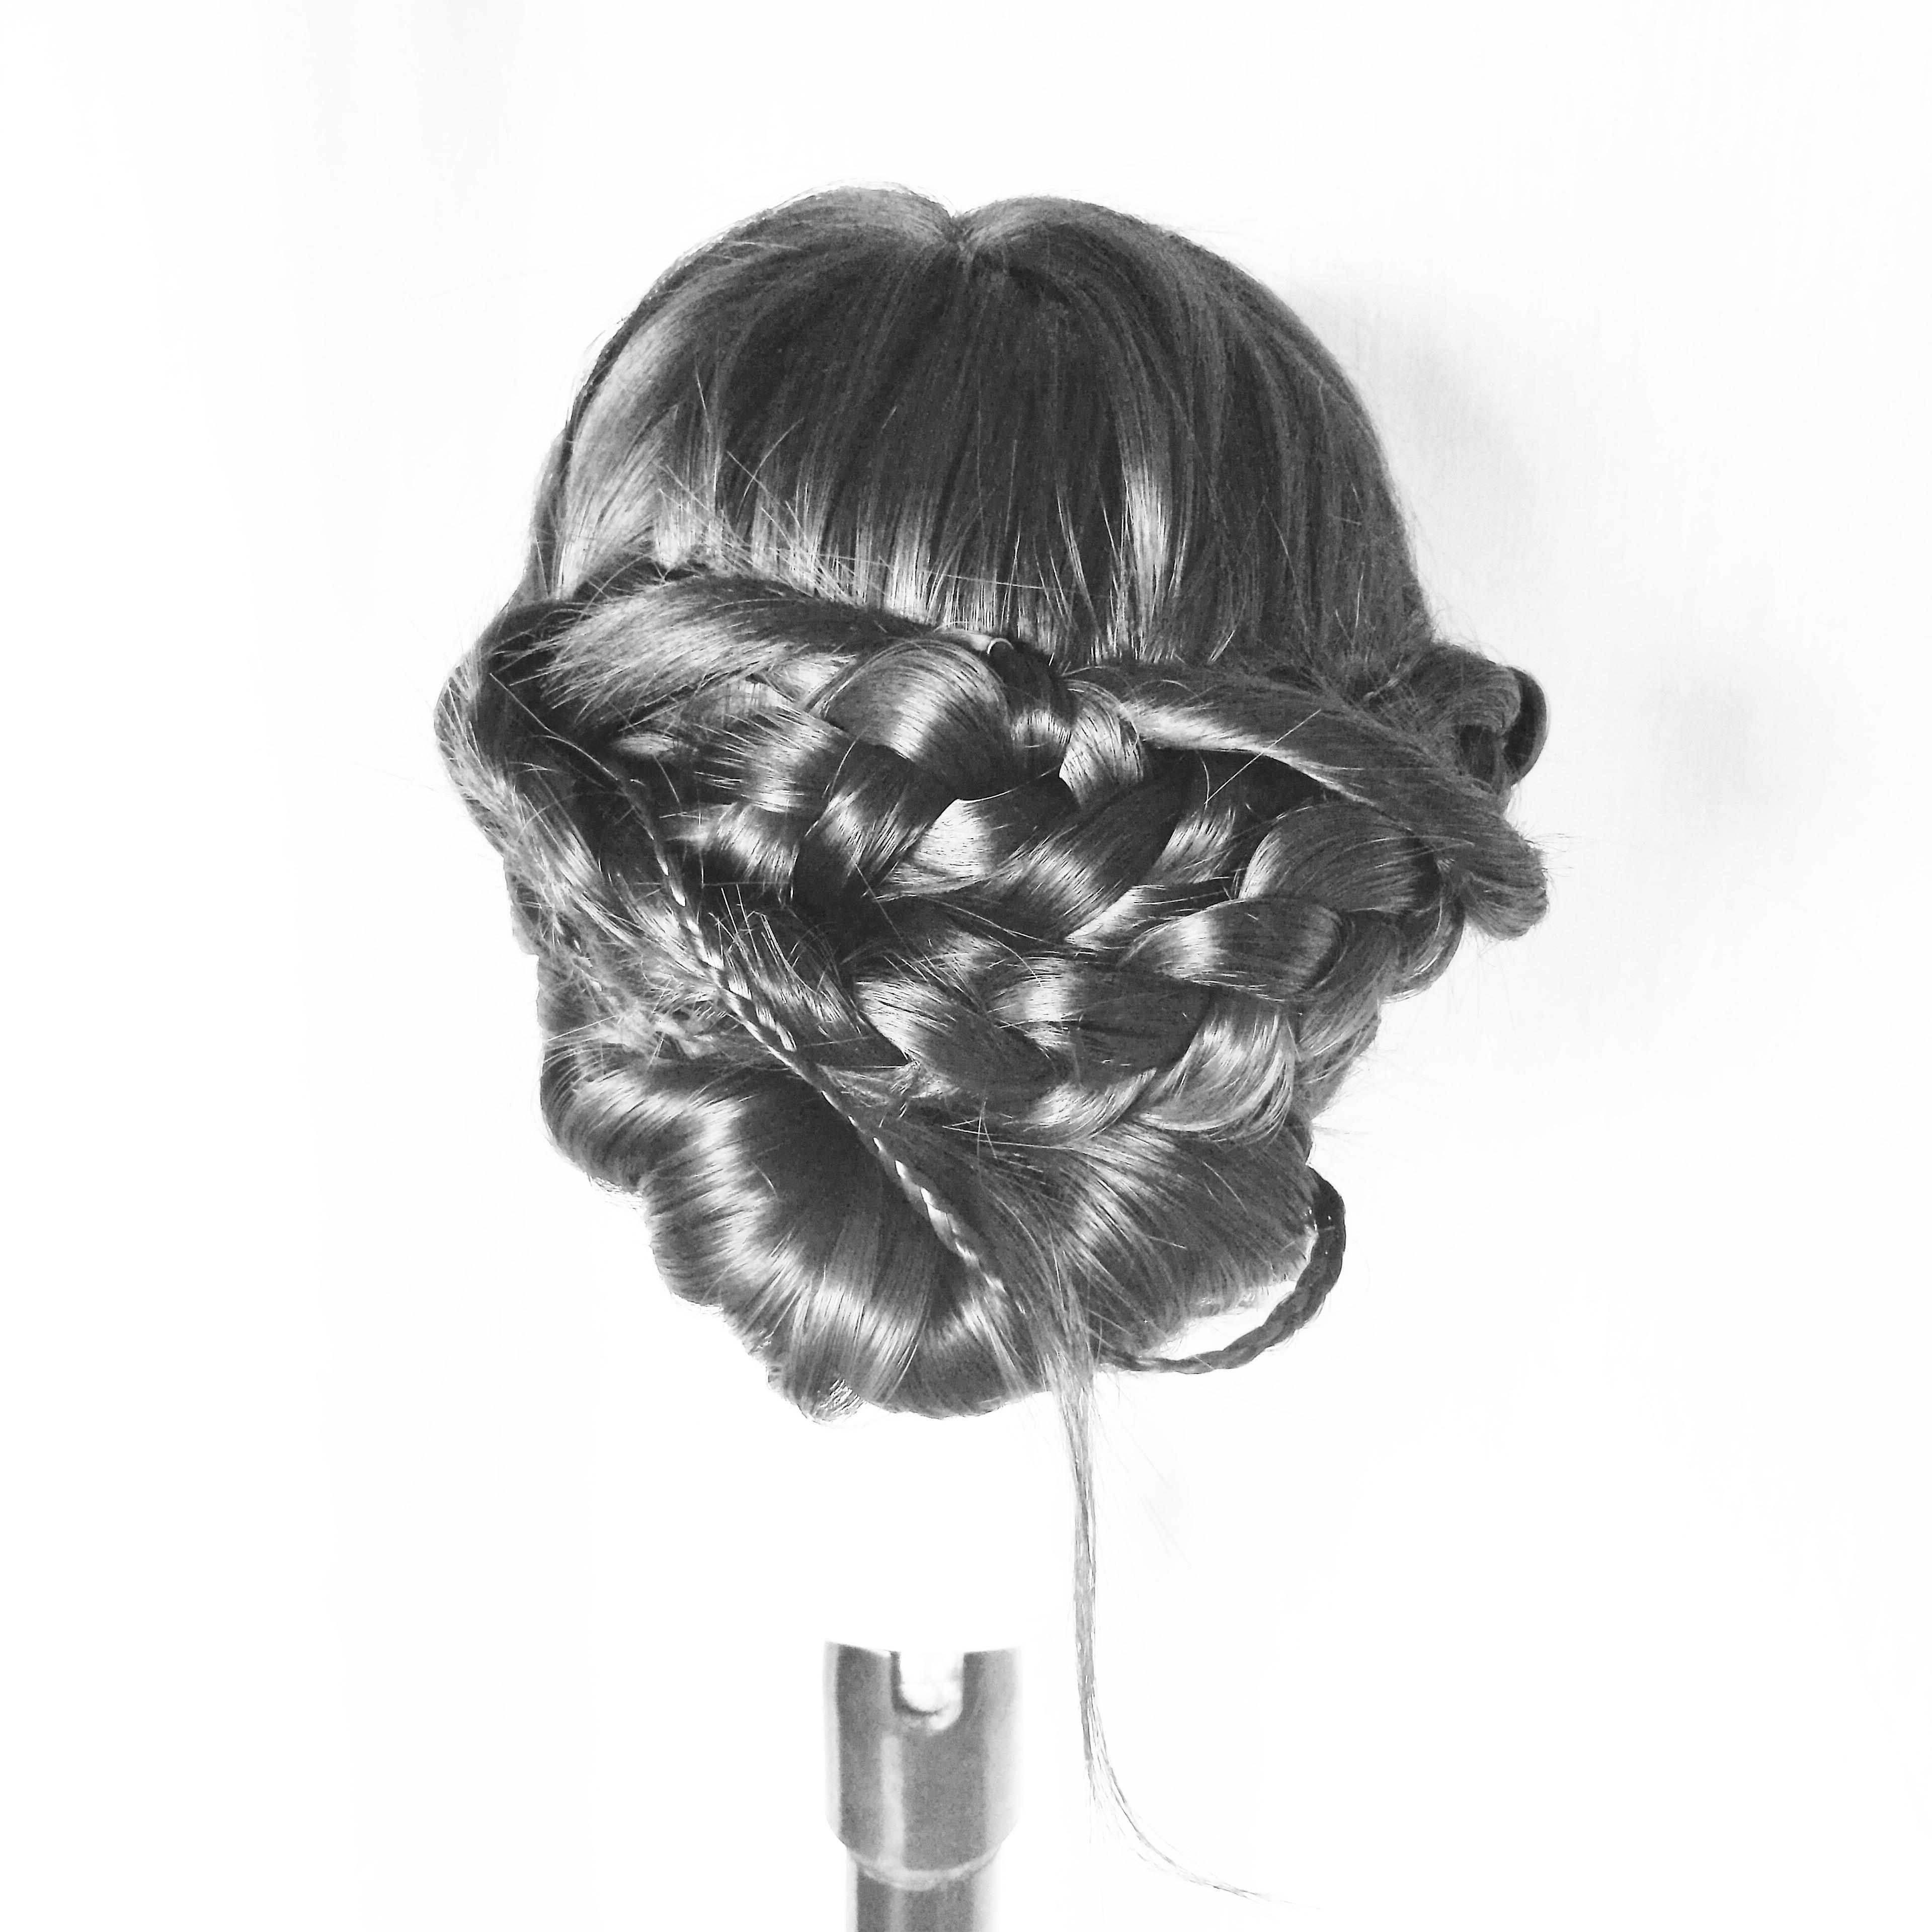 salon de coiffure afro tresse tresses box braids crochet braids vanilles tissages paris 75 77 78 91 92 93 94 95 VEZXVFNA